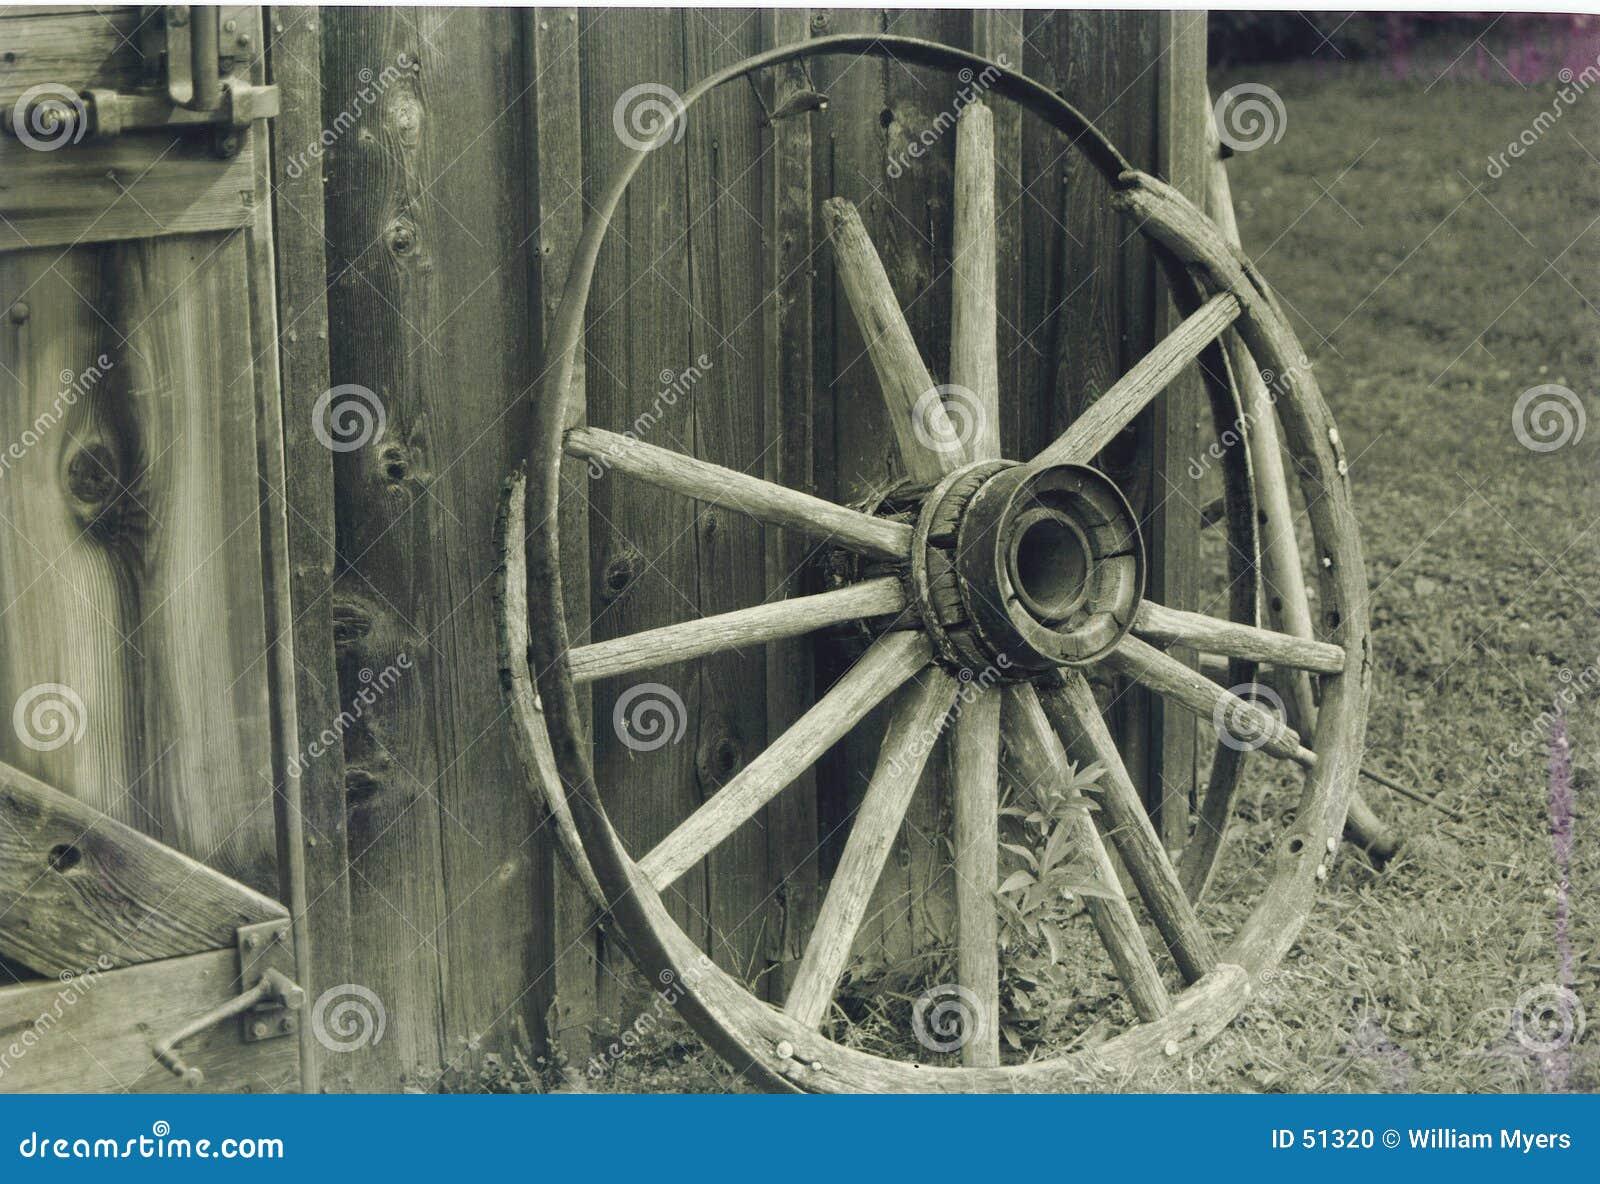 Download Extrémité de la route photo stock. Image du chariot, roue - 51320